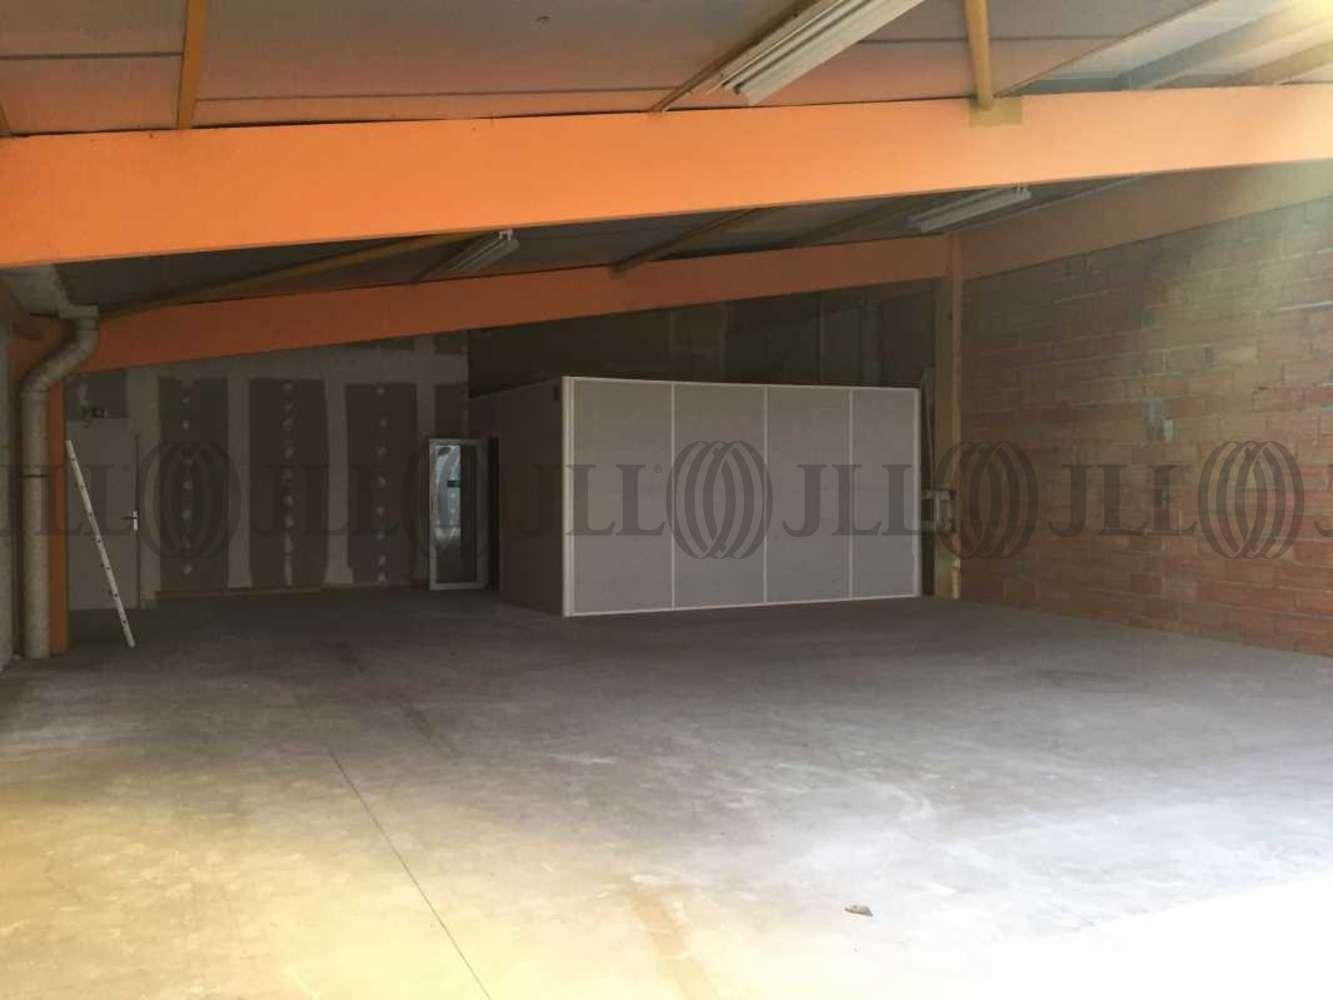 Activités/entrepôt Bayonne, 64100 - 16 RUE ARNAUD DETROYAT - 10871176